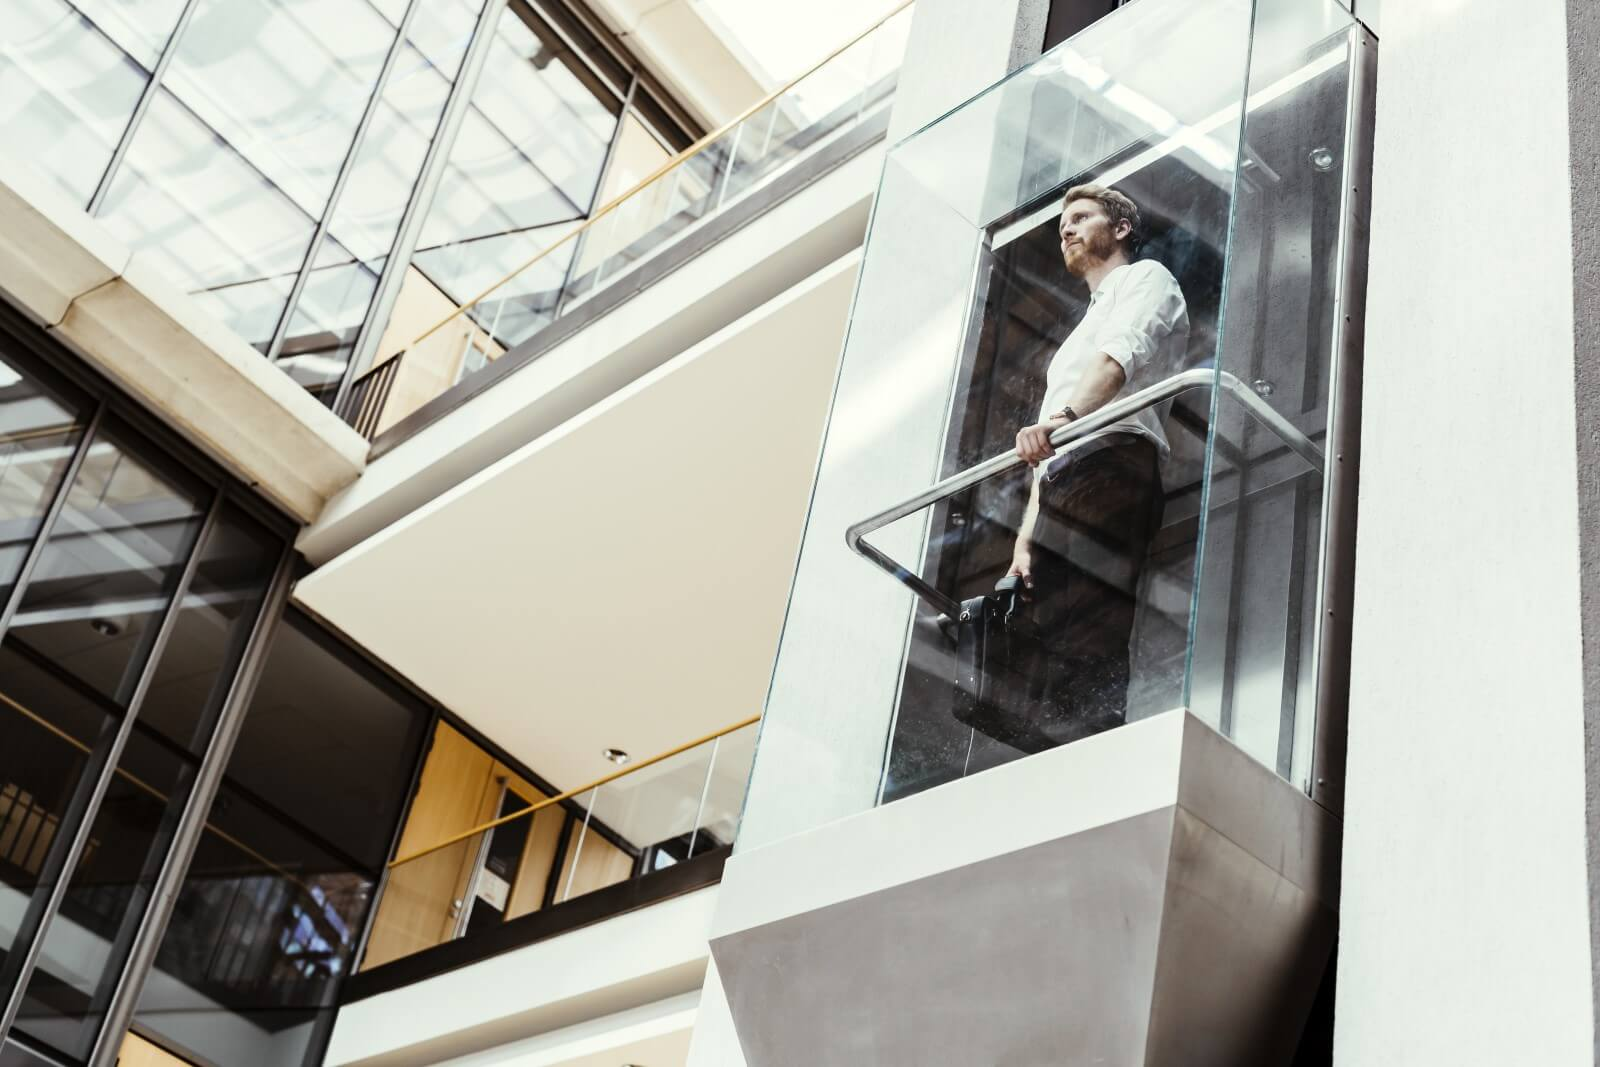 Ascensore in spazioso e moderno ufficio